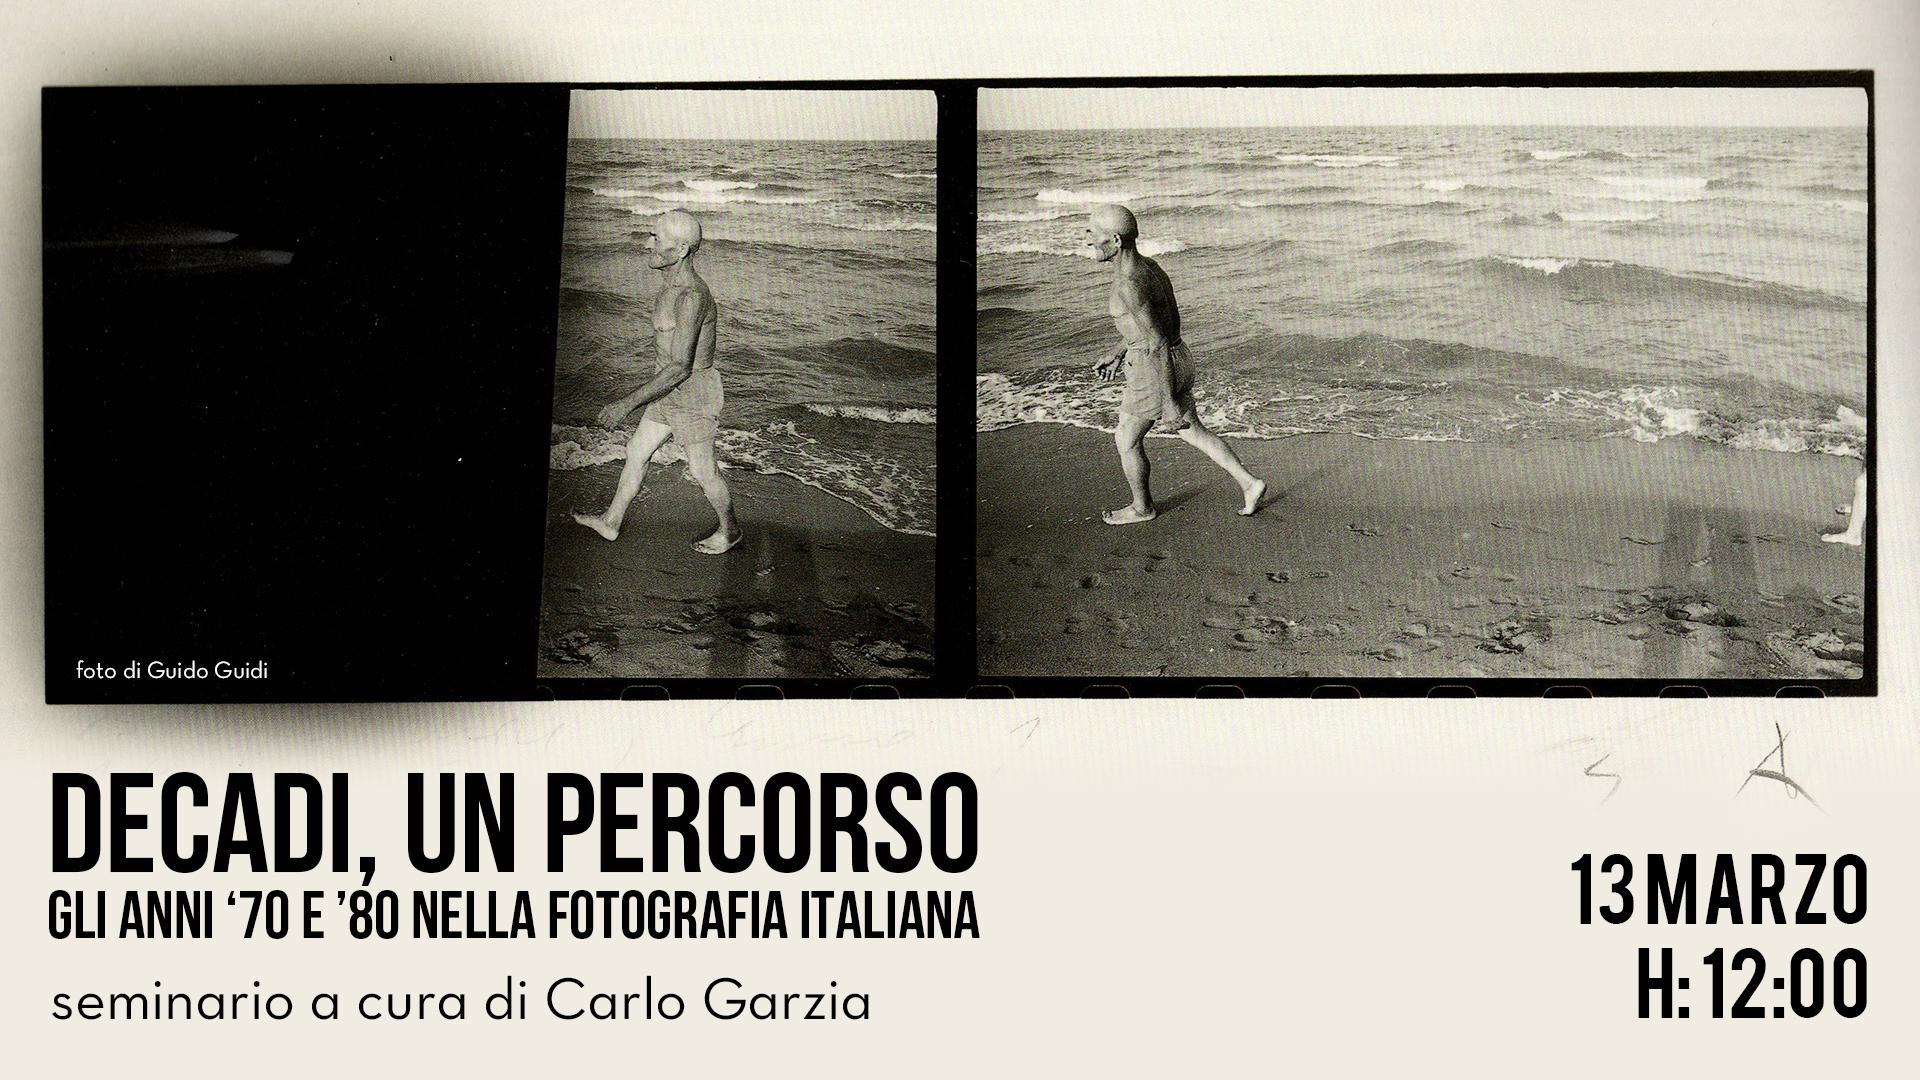 DECADI Carlo Garzia, anni 70 e 80 fotografia italiana